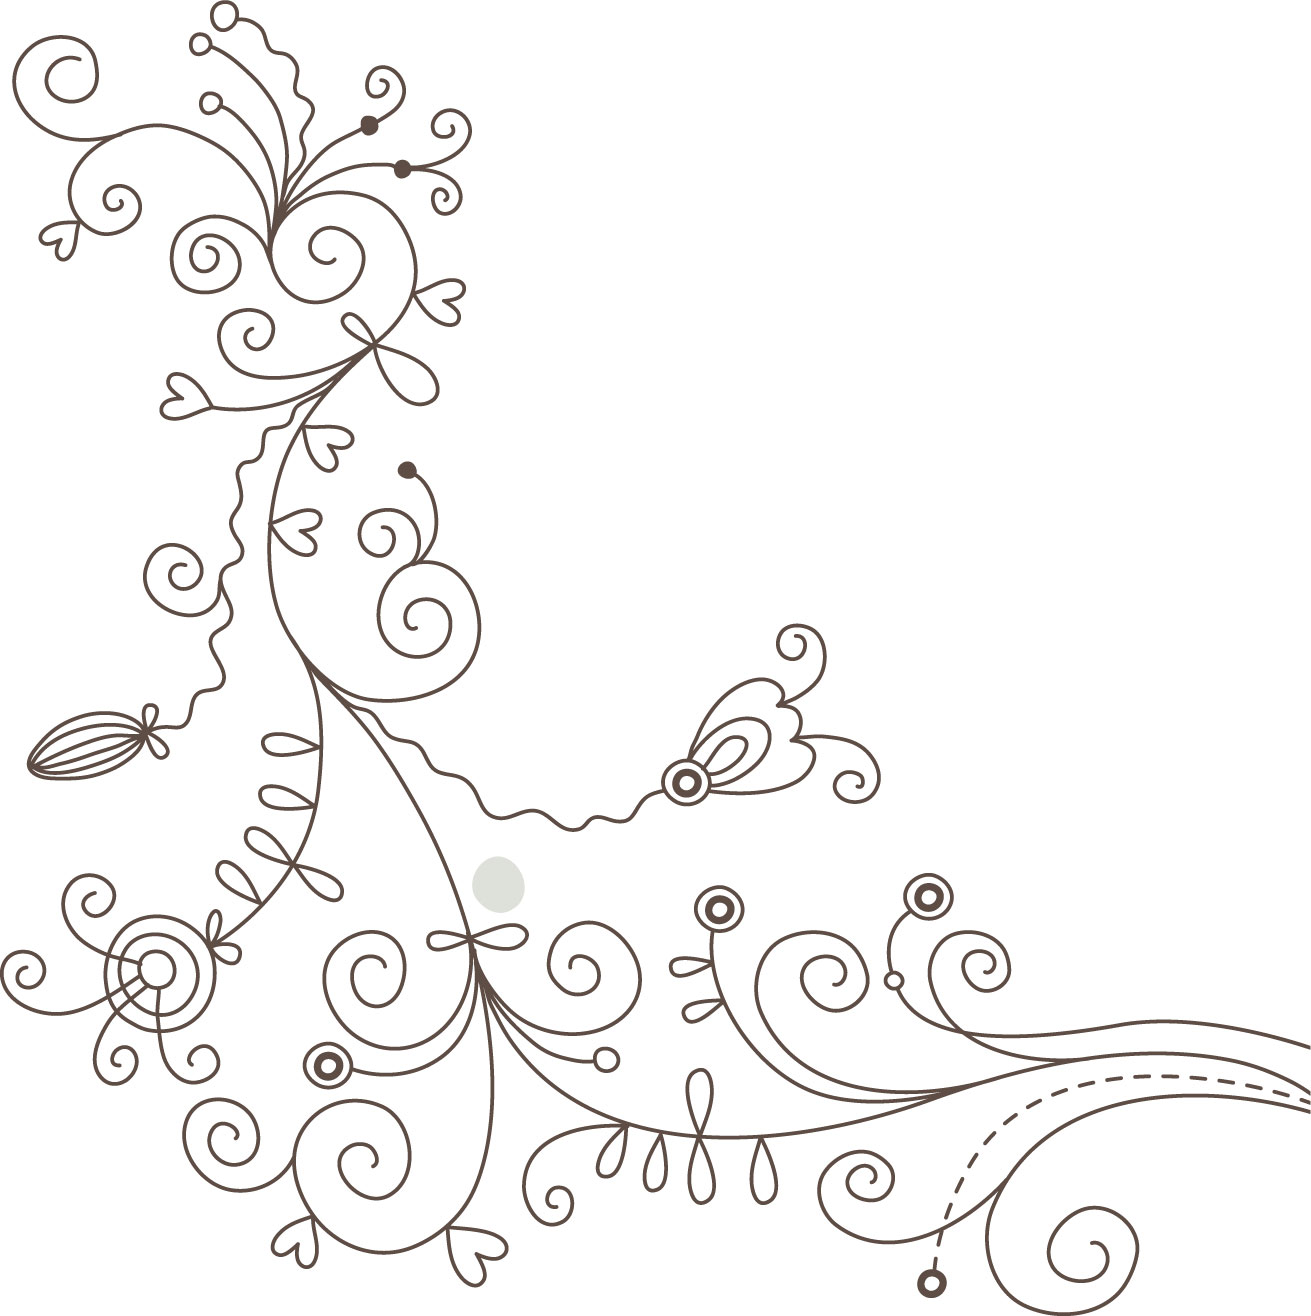 花のイラスト フリー素材 白黒 モノクロno 015 白黒 かわいい絵2